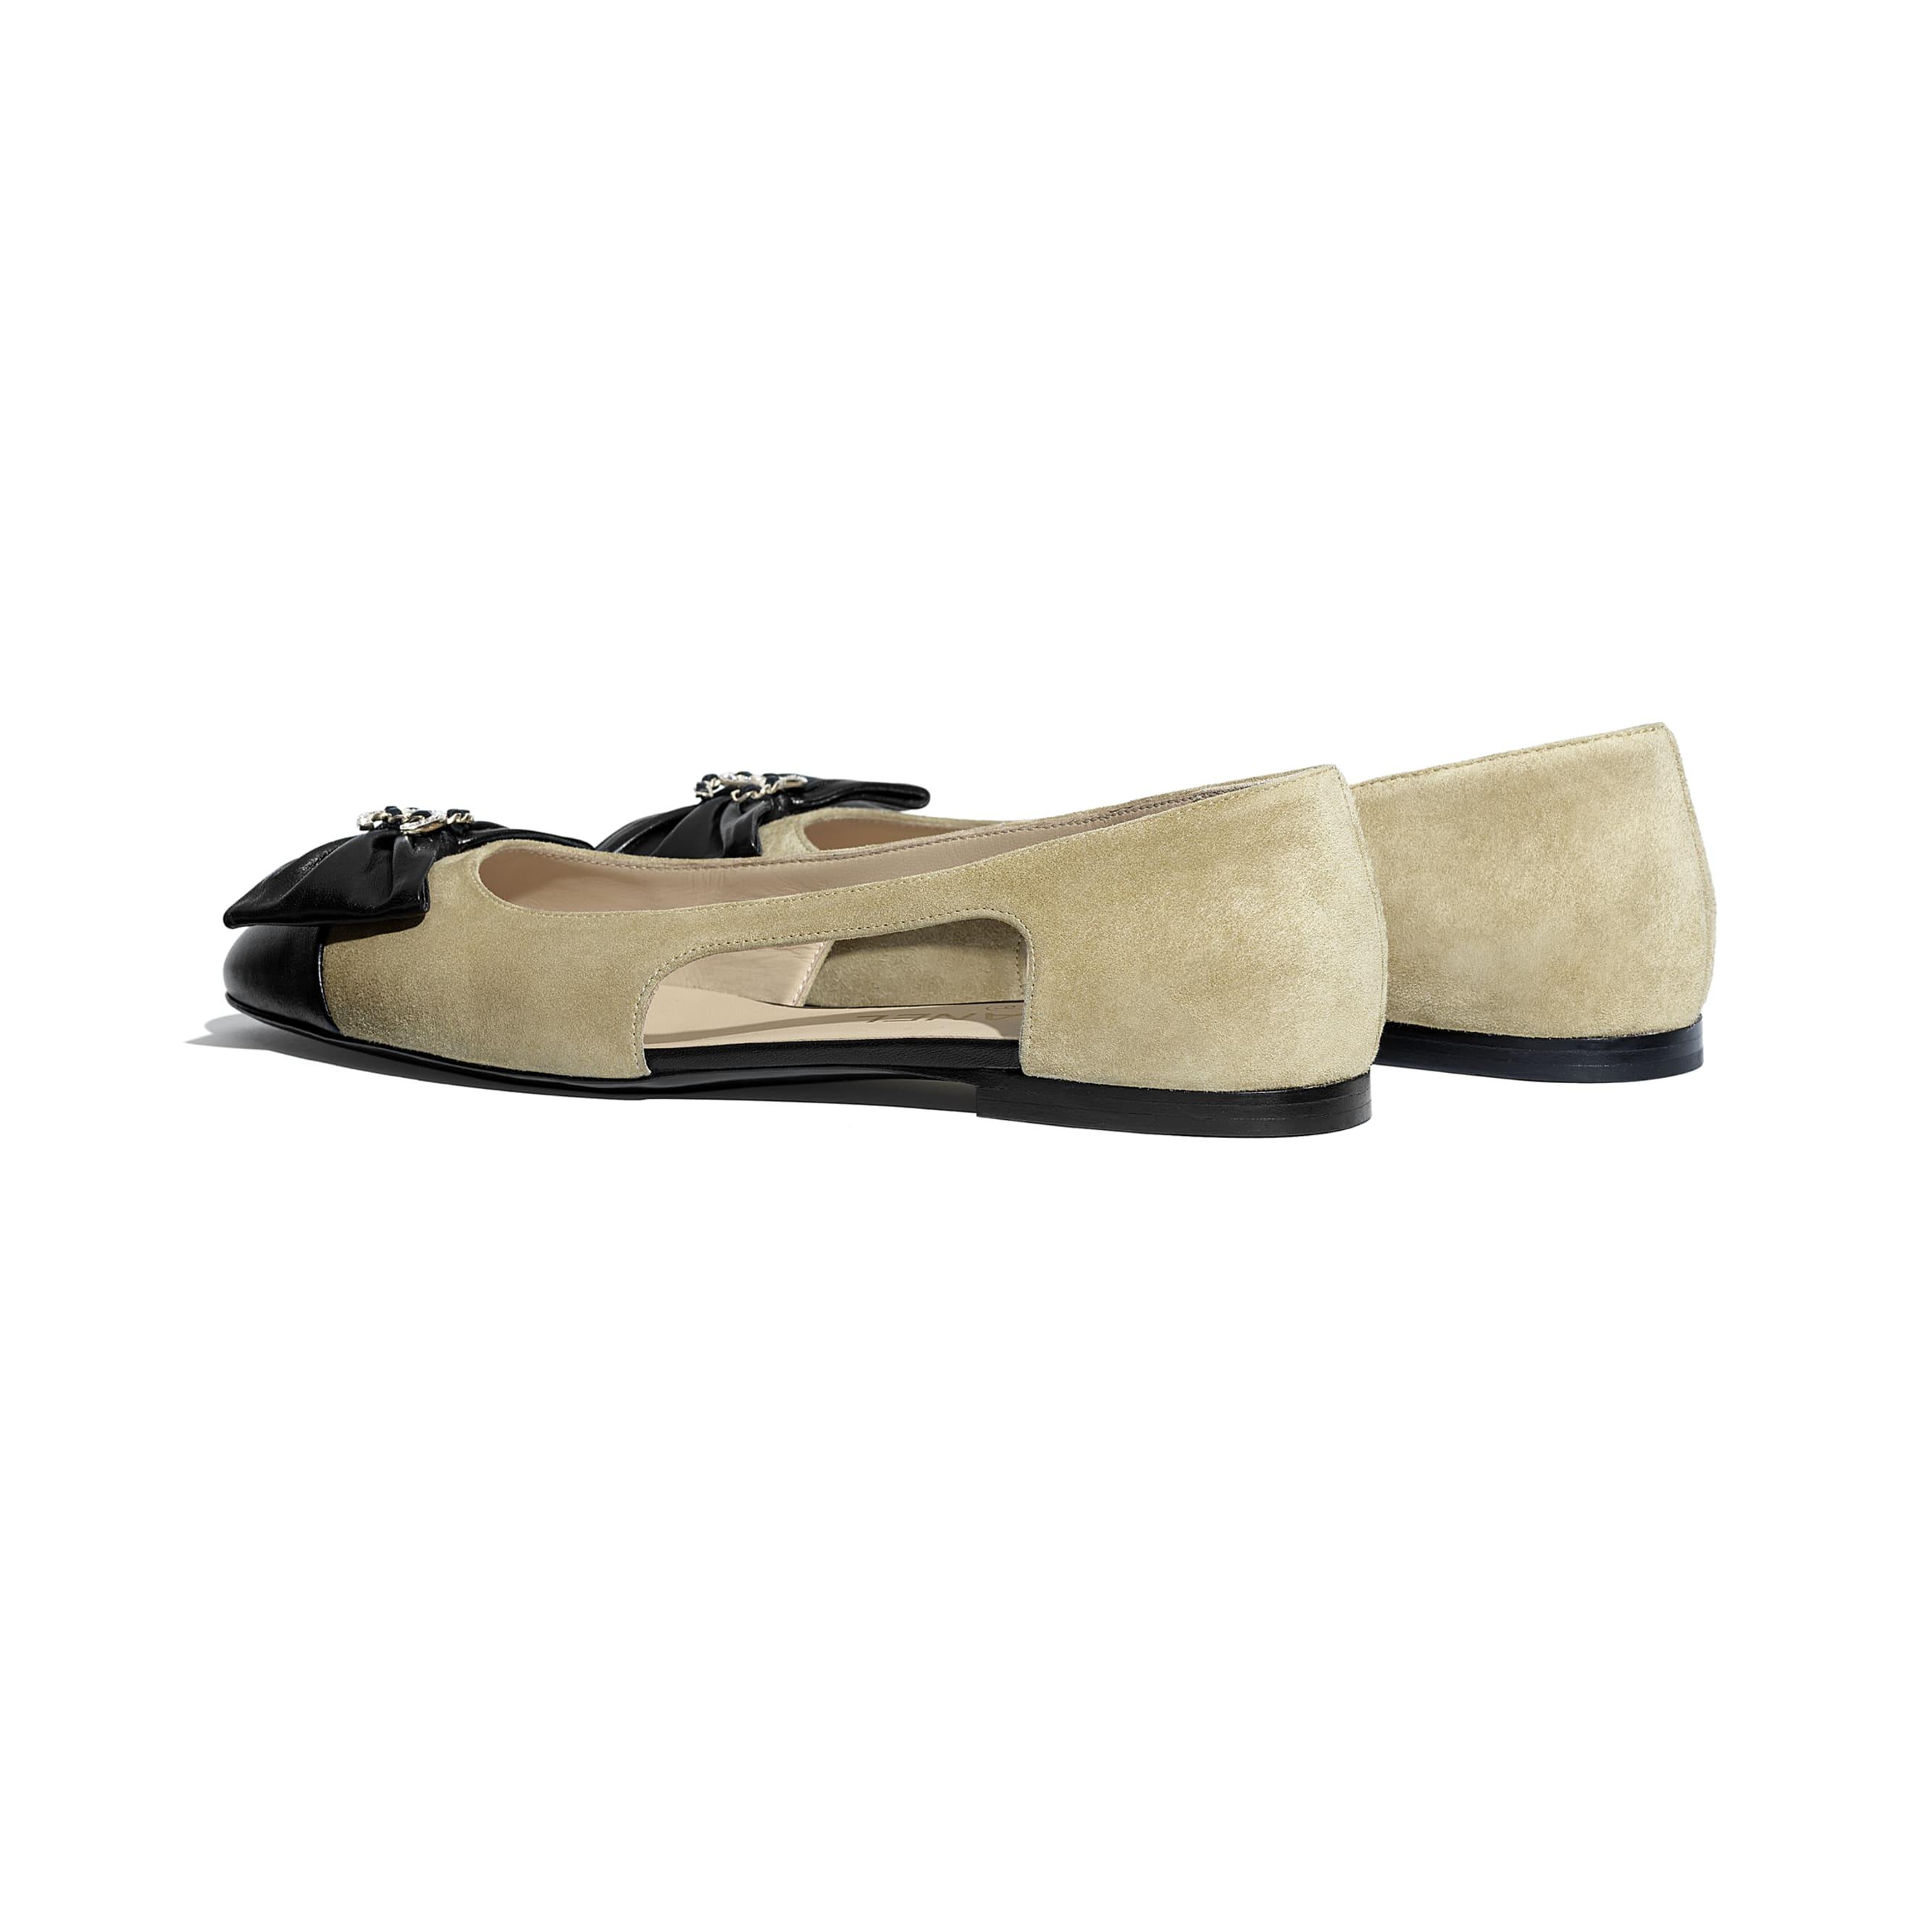 芭蕾舞鞋 - 米與黑 - 小牛麂皮與小羊皮 - CHANEL - 其他視圖 - 查看標準尺寸版本